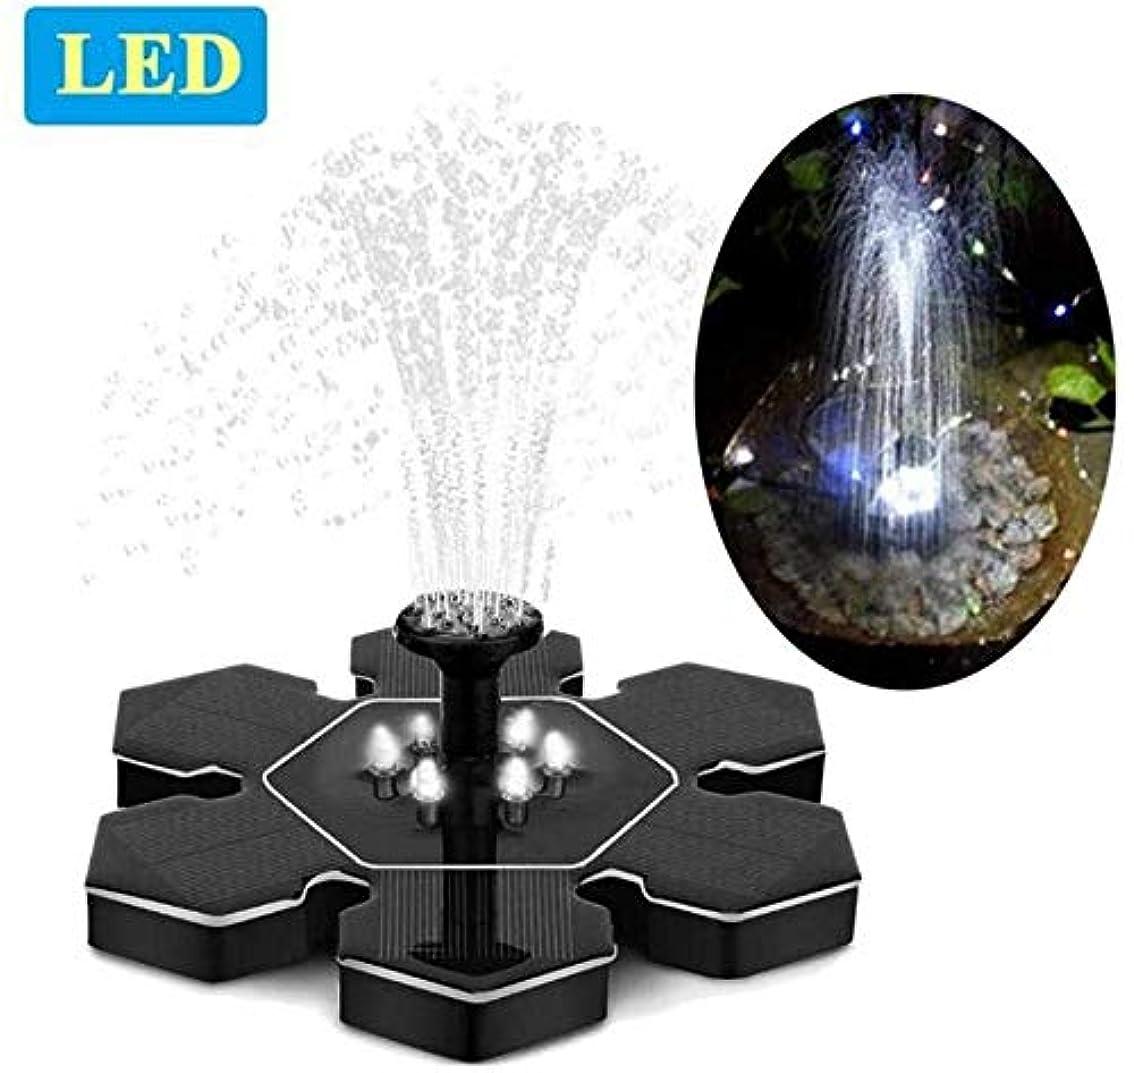 忘れられないヘビ話LEDライト付きソーラーパワー式噴水ポンプ2.4W高効率ソーラーファウンテン水ポンプキットバードバスガーデン池装飾用フローティングファウンテンポンプ